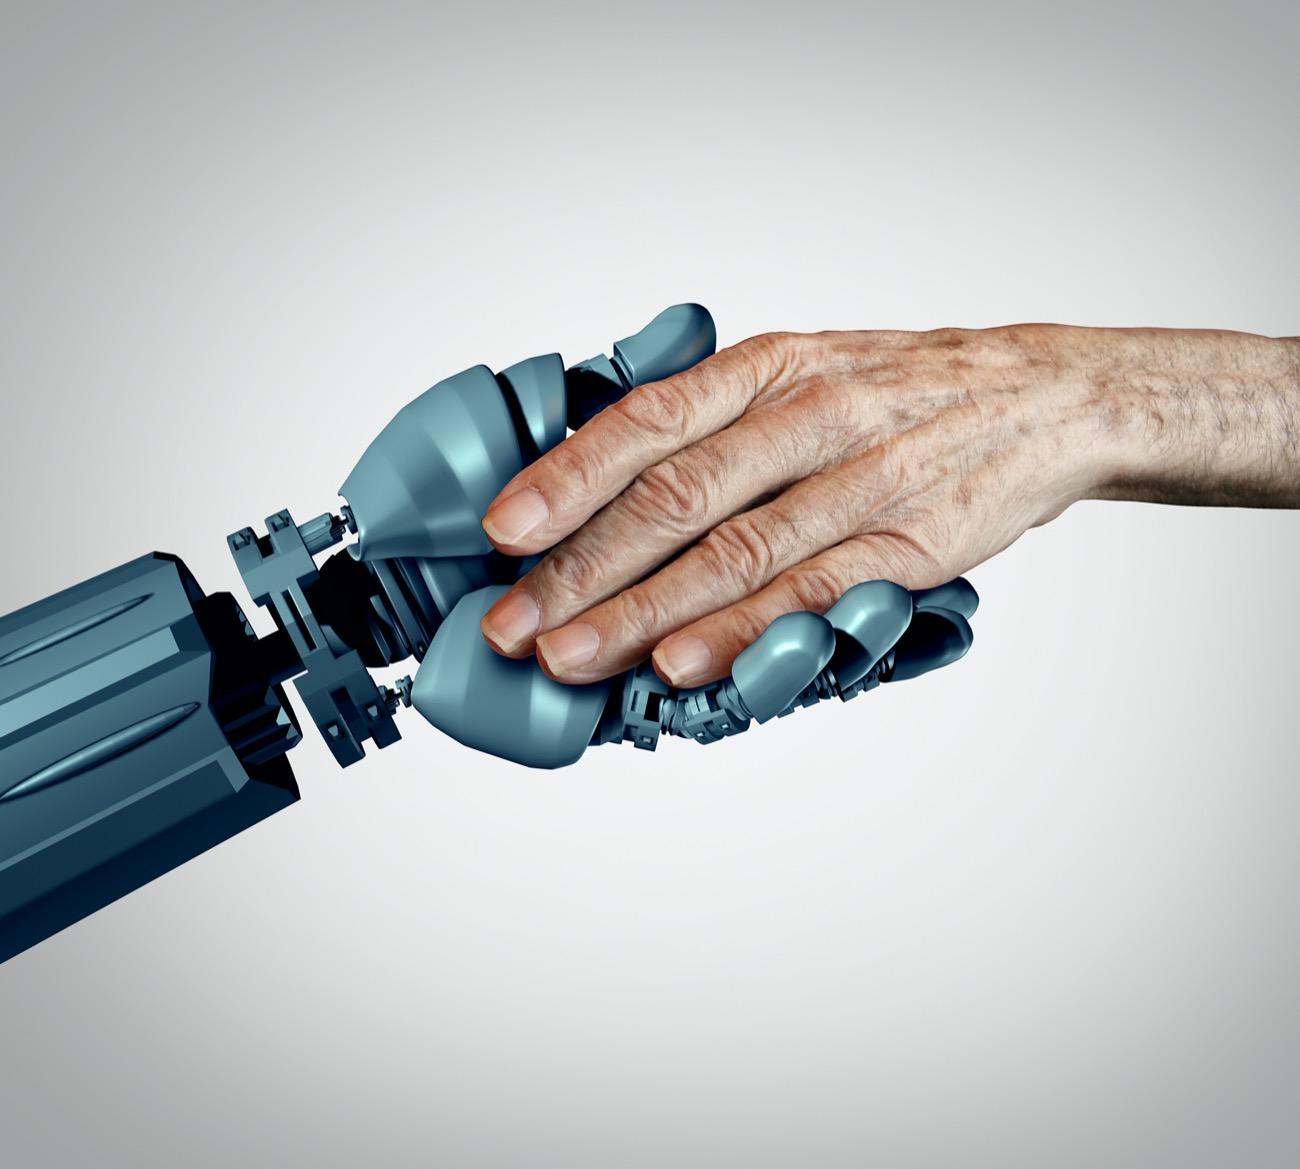 Robot per la cura degli anziani